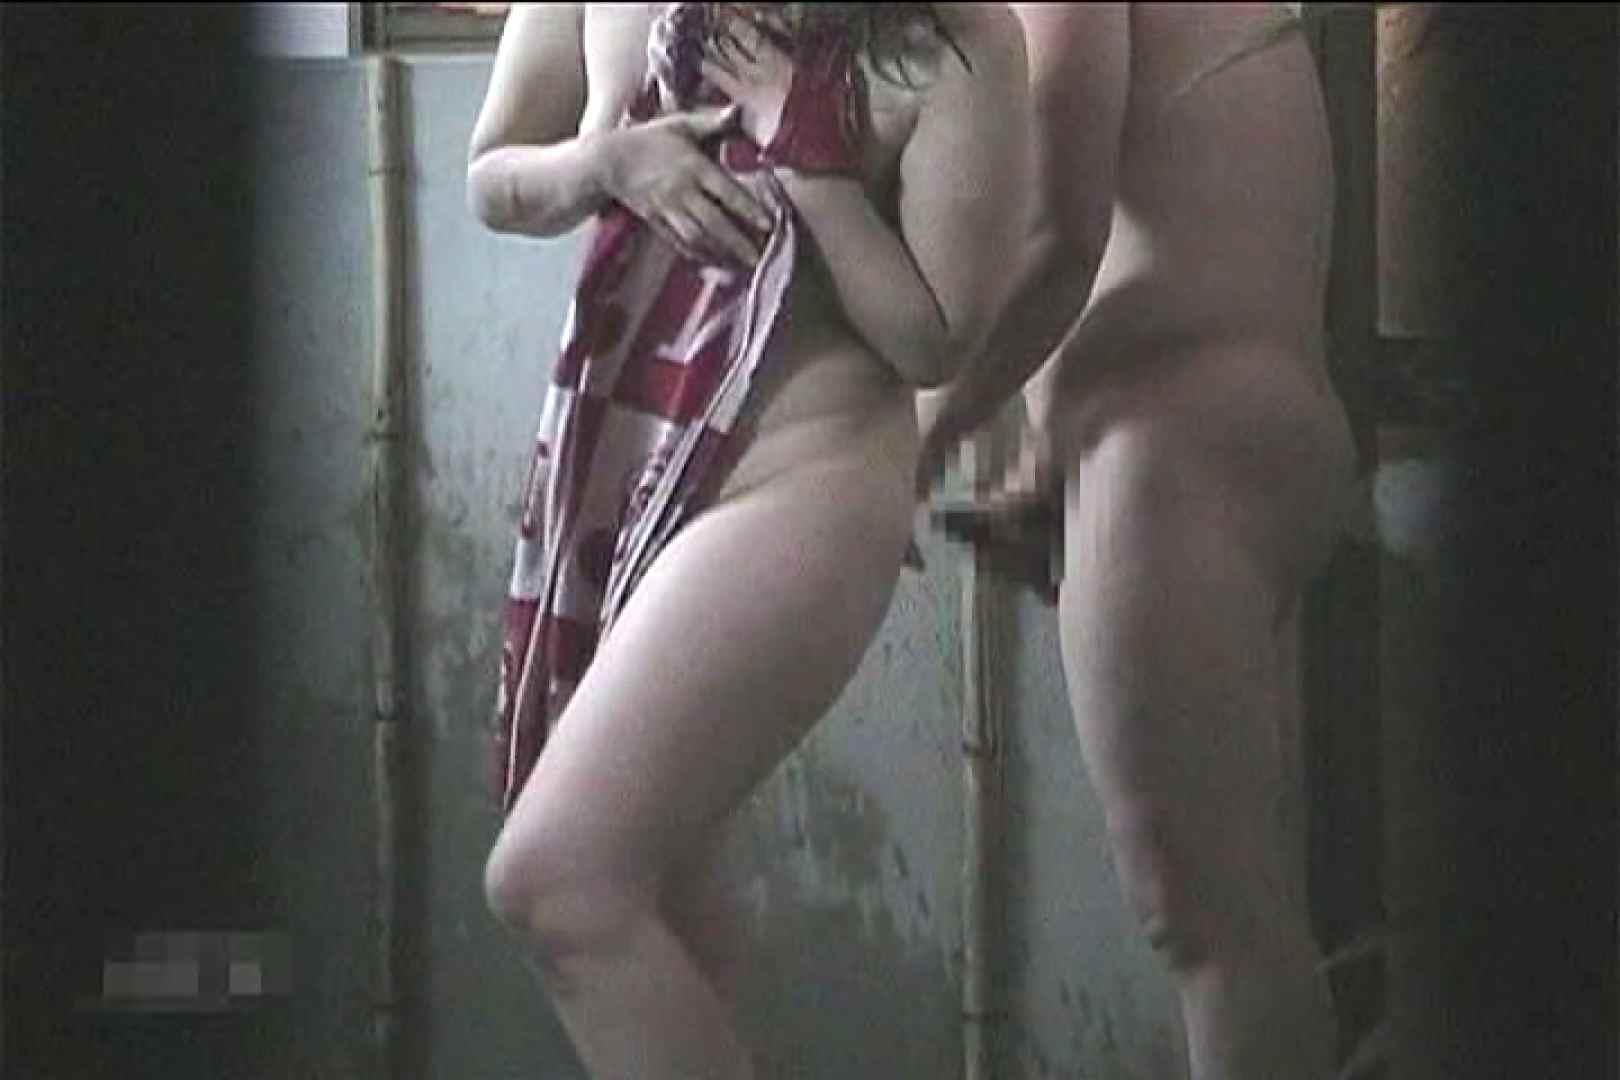 全裸で発情!!家族風呂の実態Vol.3 OLエロ画像 盗み撮りオマンコ動画キャプチャ 52PICs 50